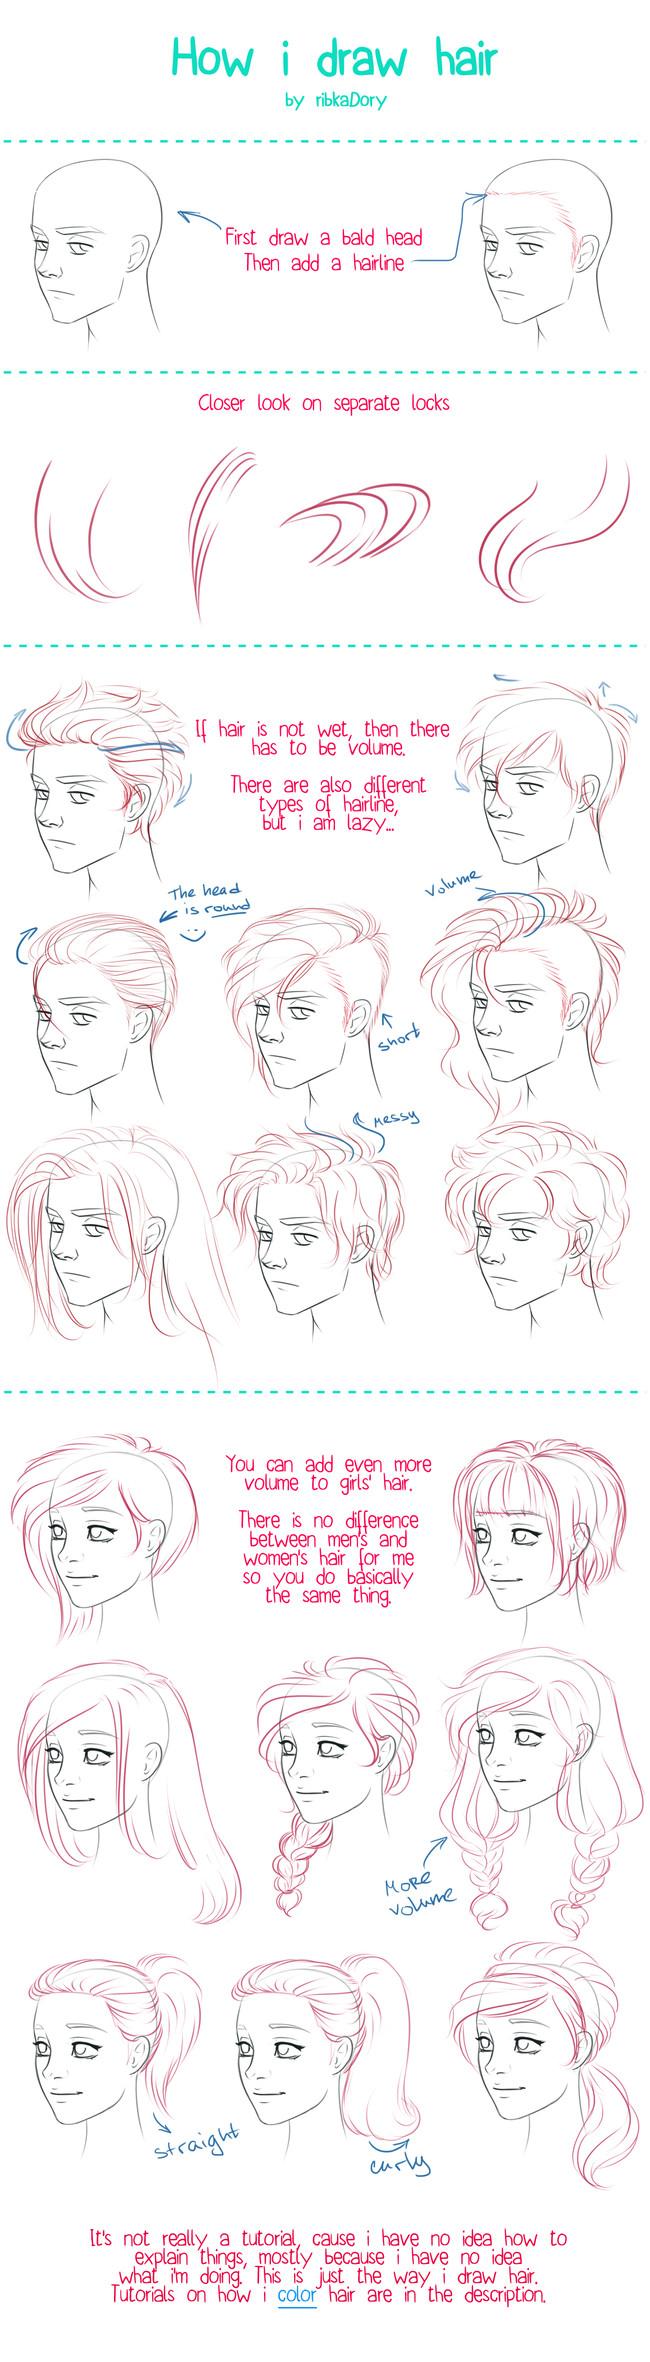 头发的画法,很丰富的参考